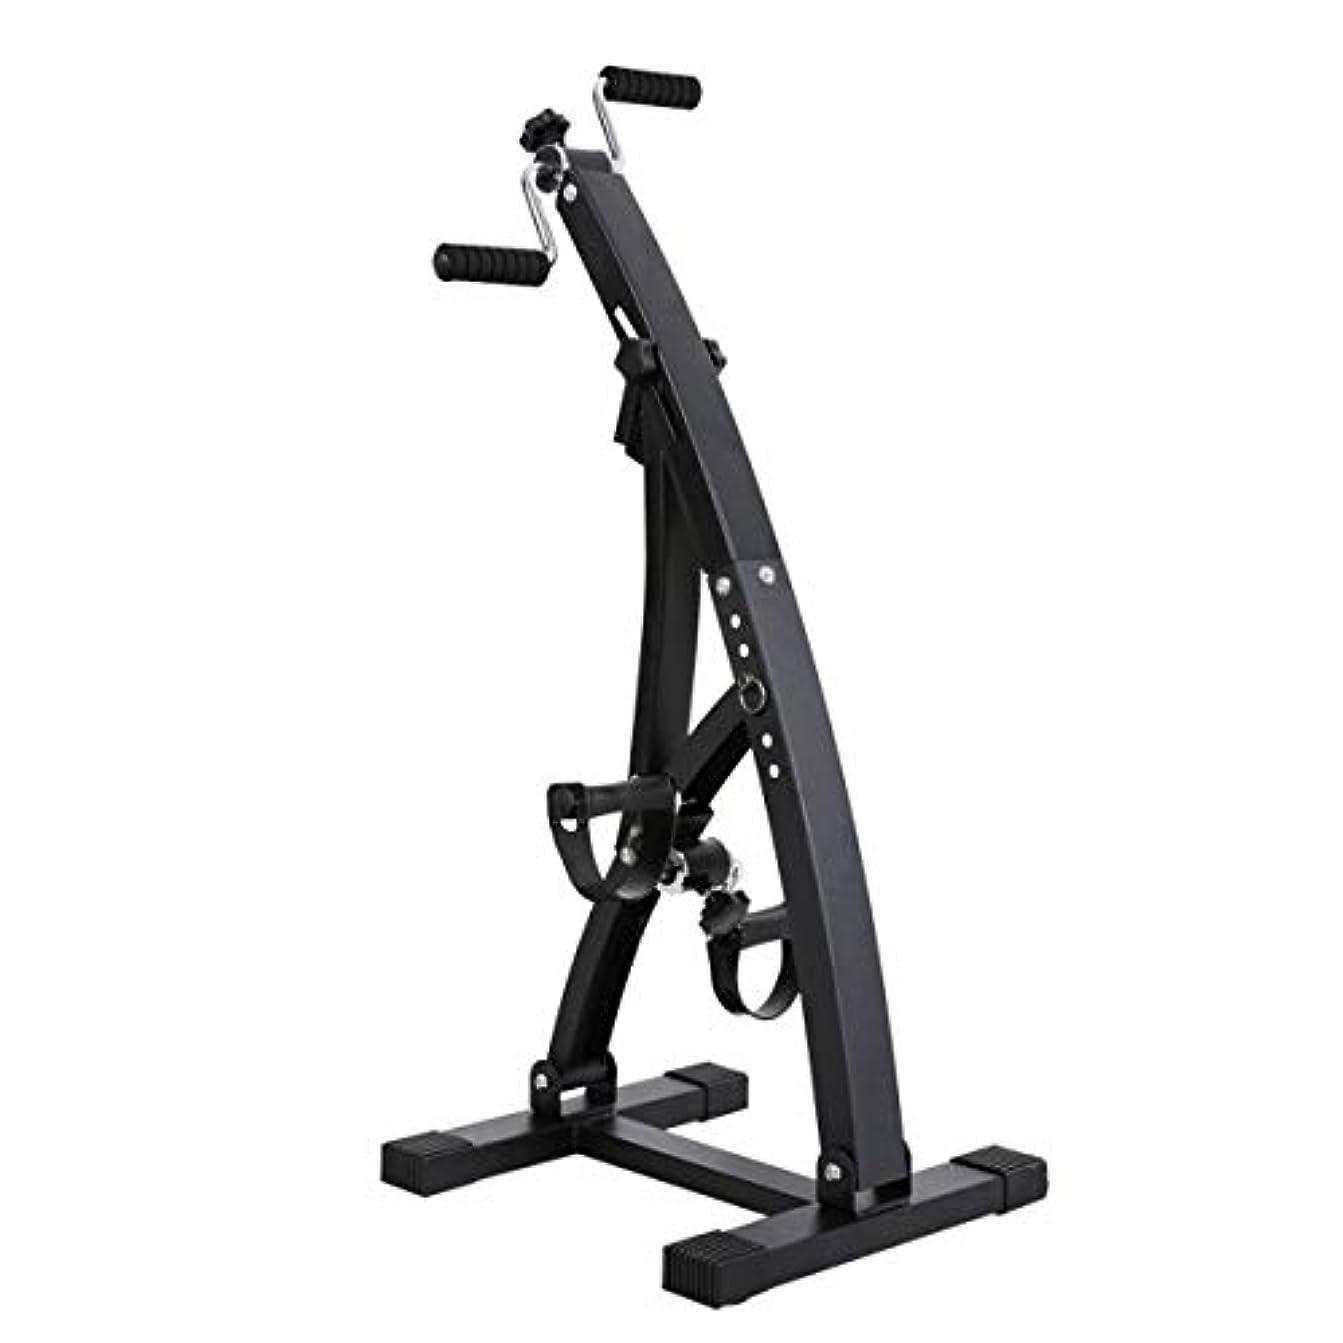 選出する提唱する任命メディカル全身エクササイザー、 折り畳み式の腕と脚のペダルエクササイザー、上肢および下肢のトレーニング機器、筋萎縮リハビリテーション訓練を防ぐ,A